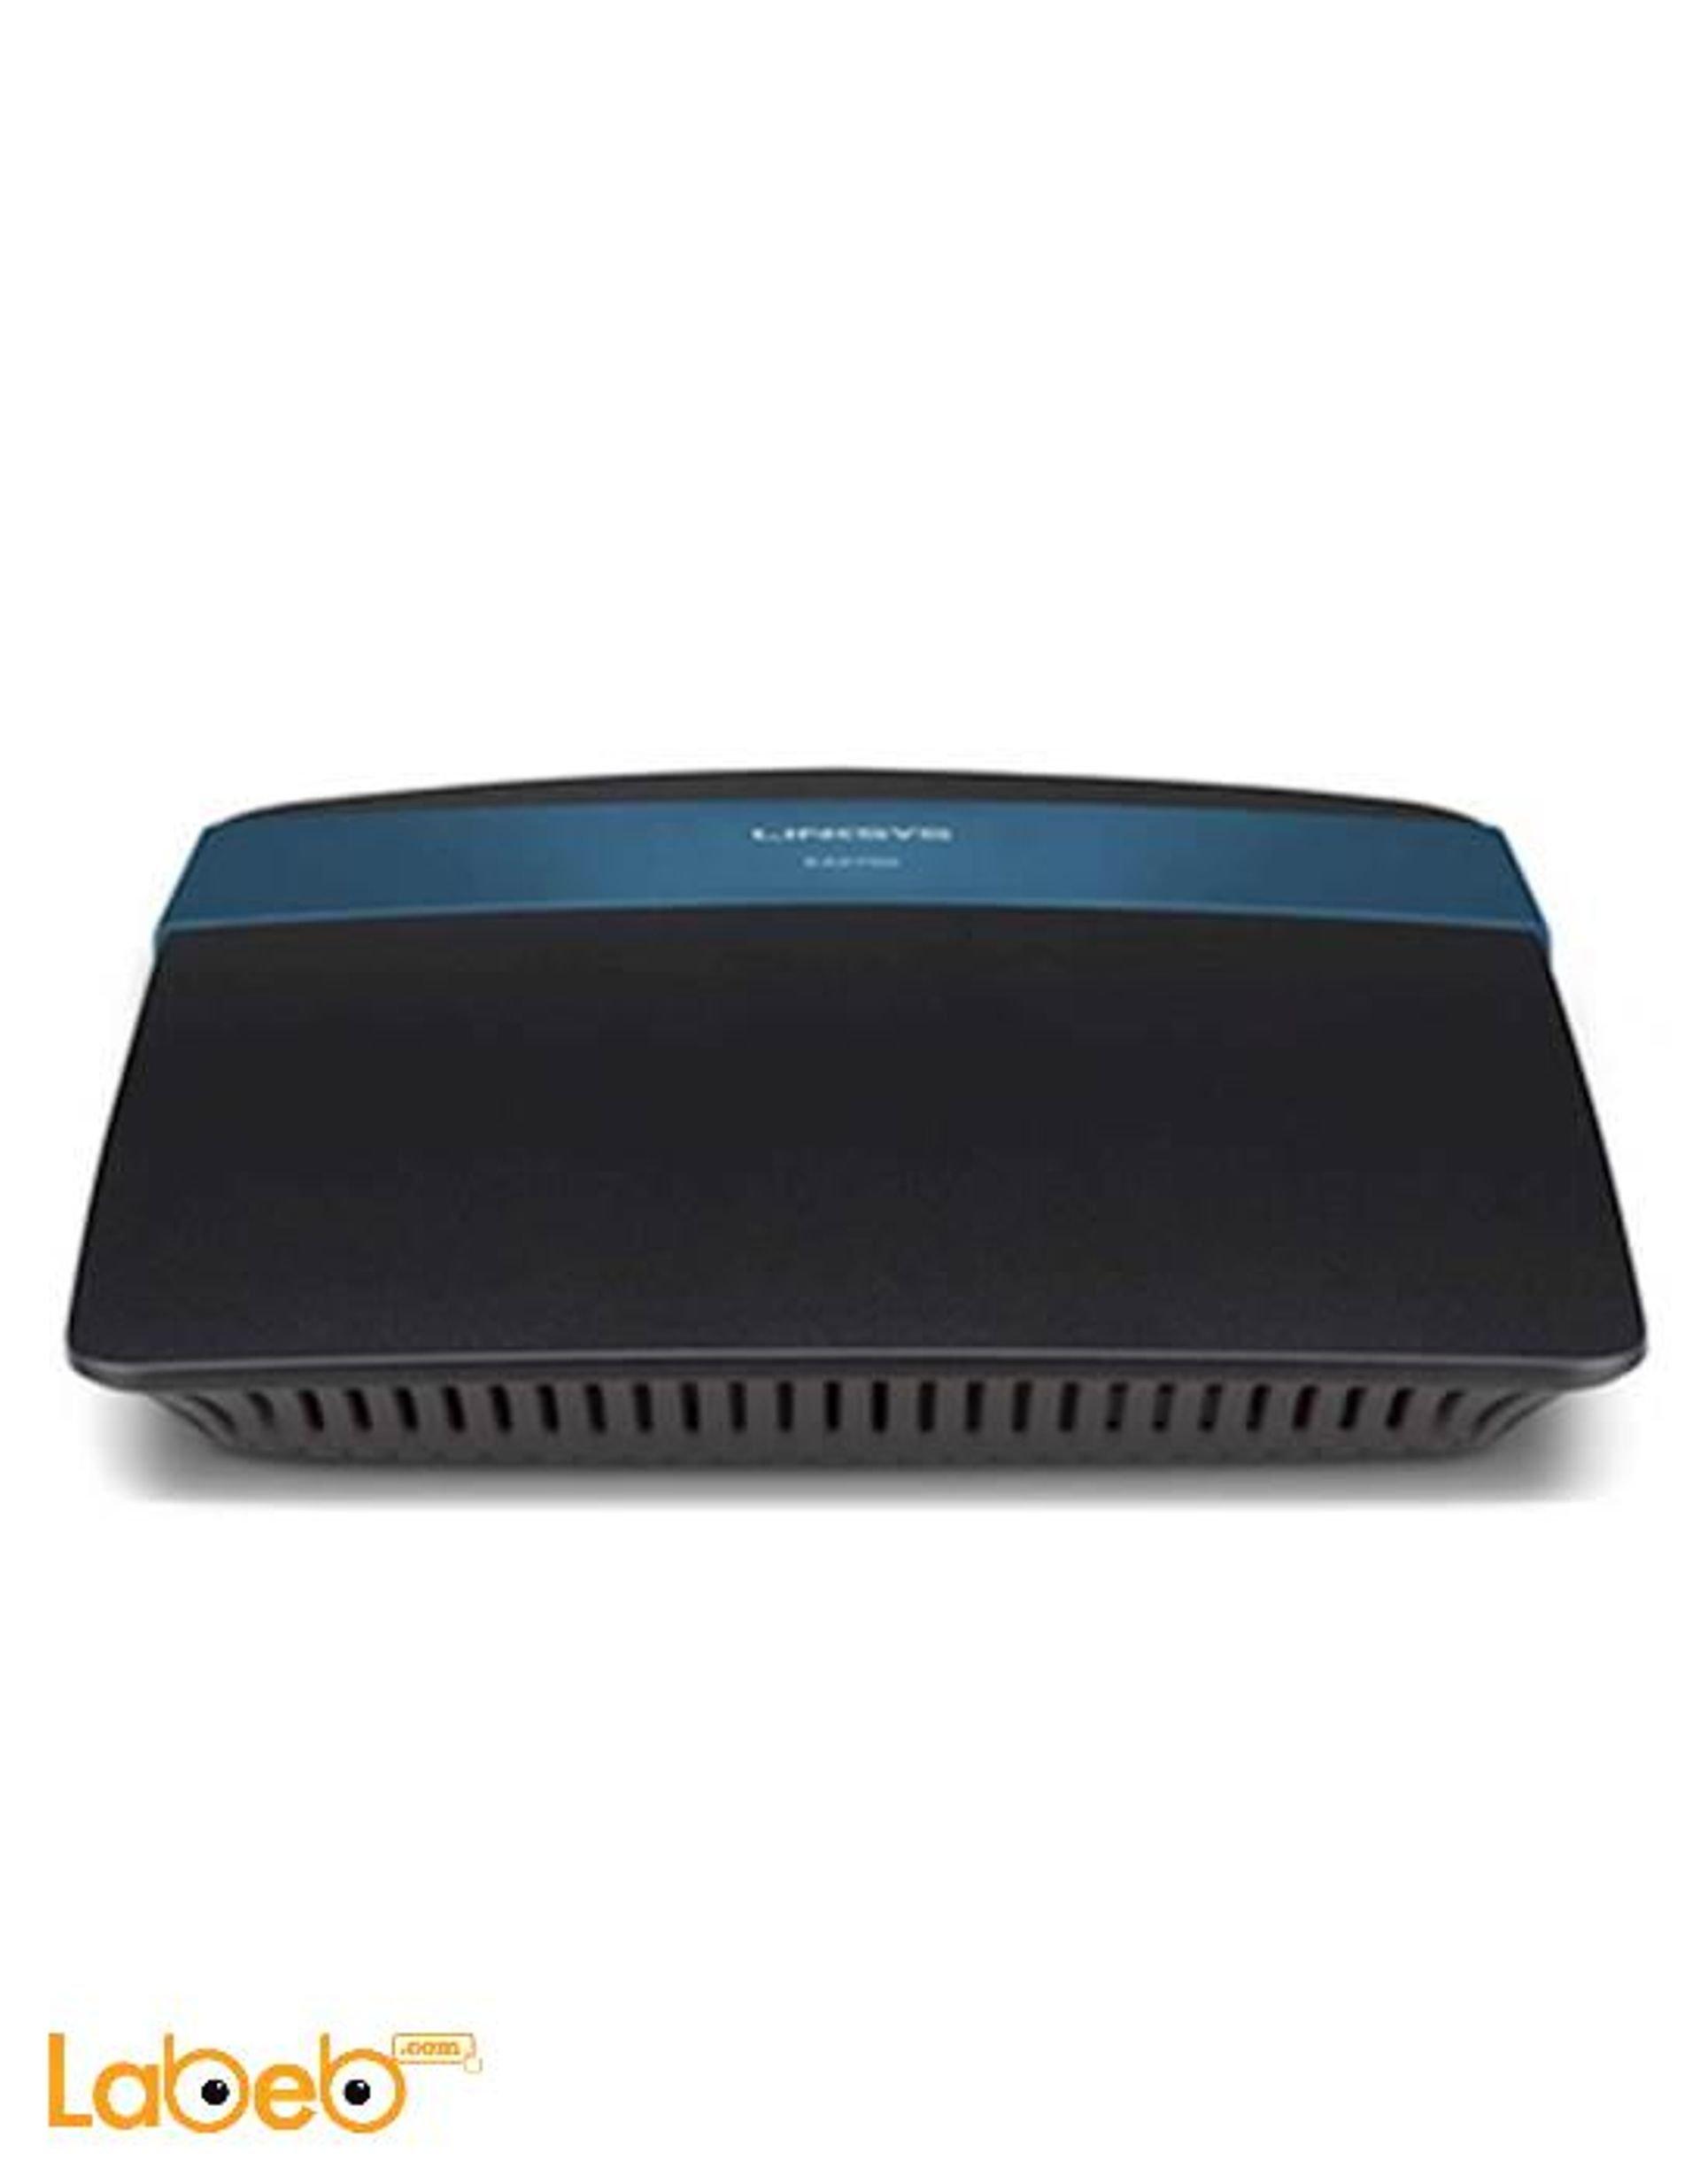 Linksys Smart WiFi firmware